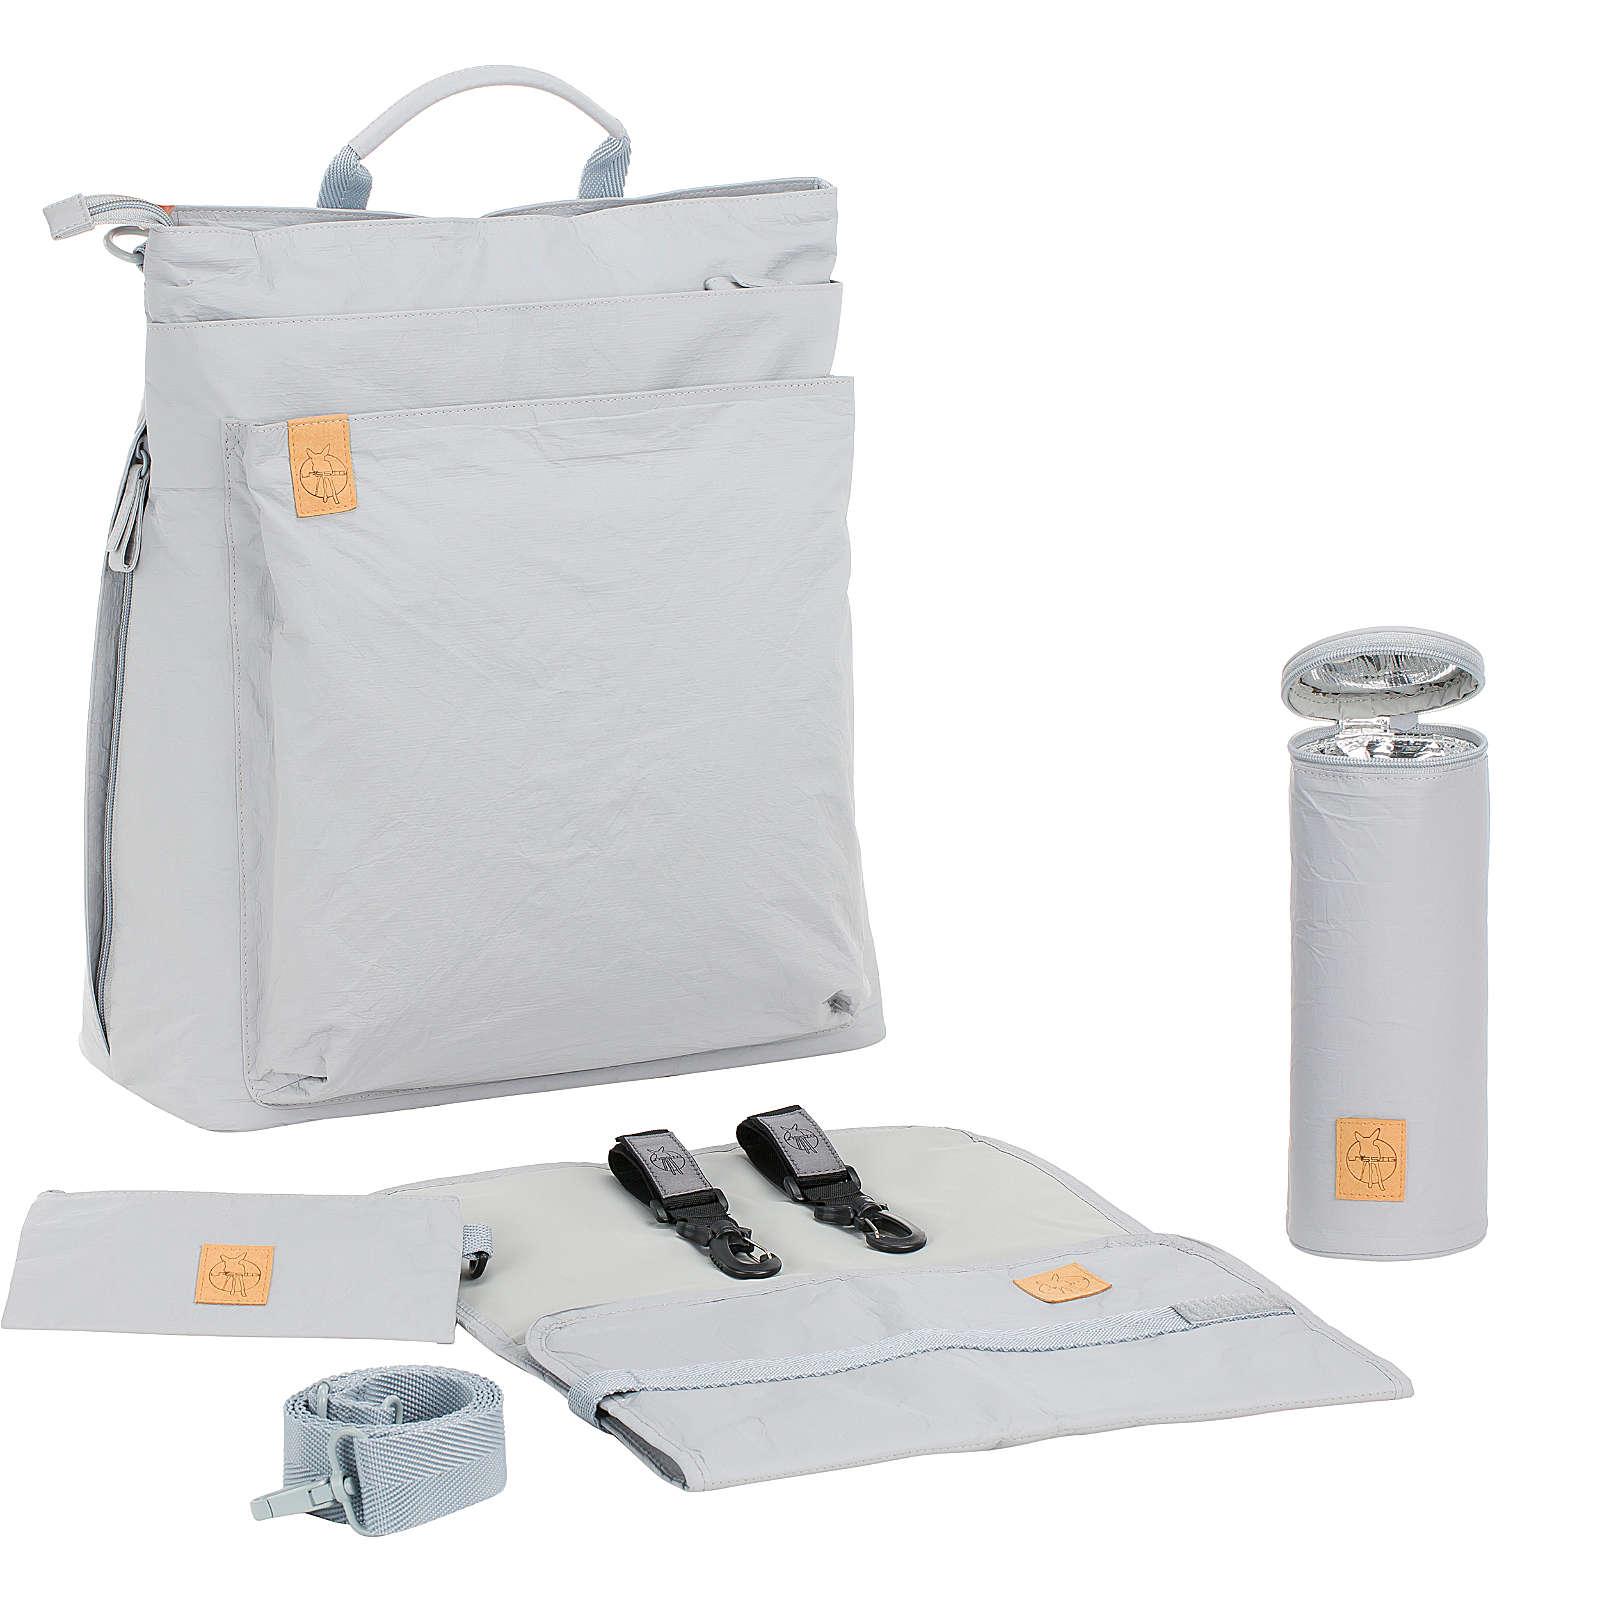 Lässig Wickelrucksack Tyve, Backpack, Greenlabel, grey grau